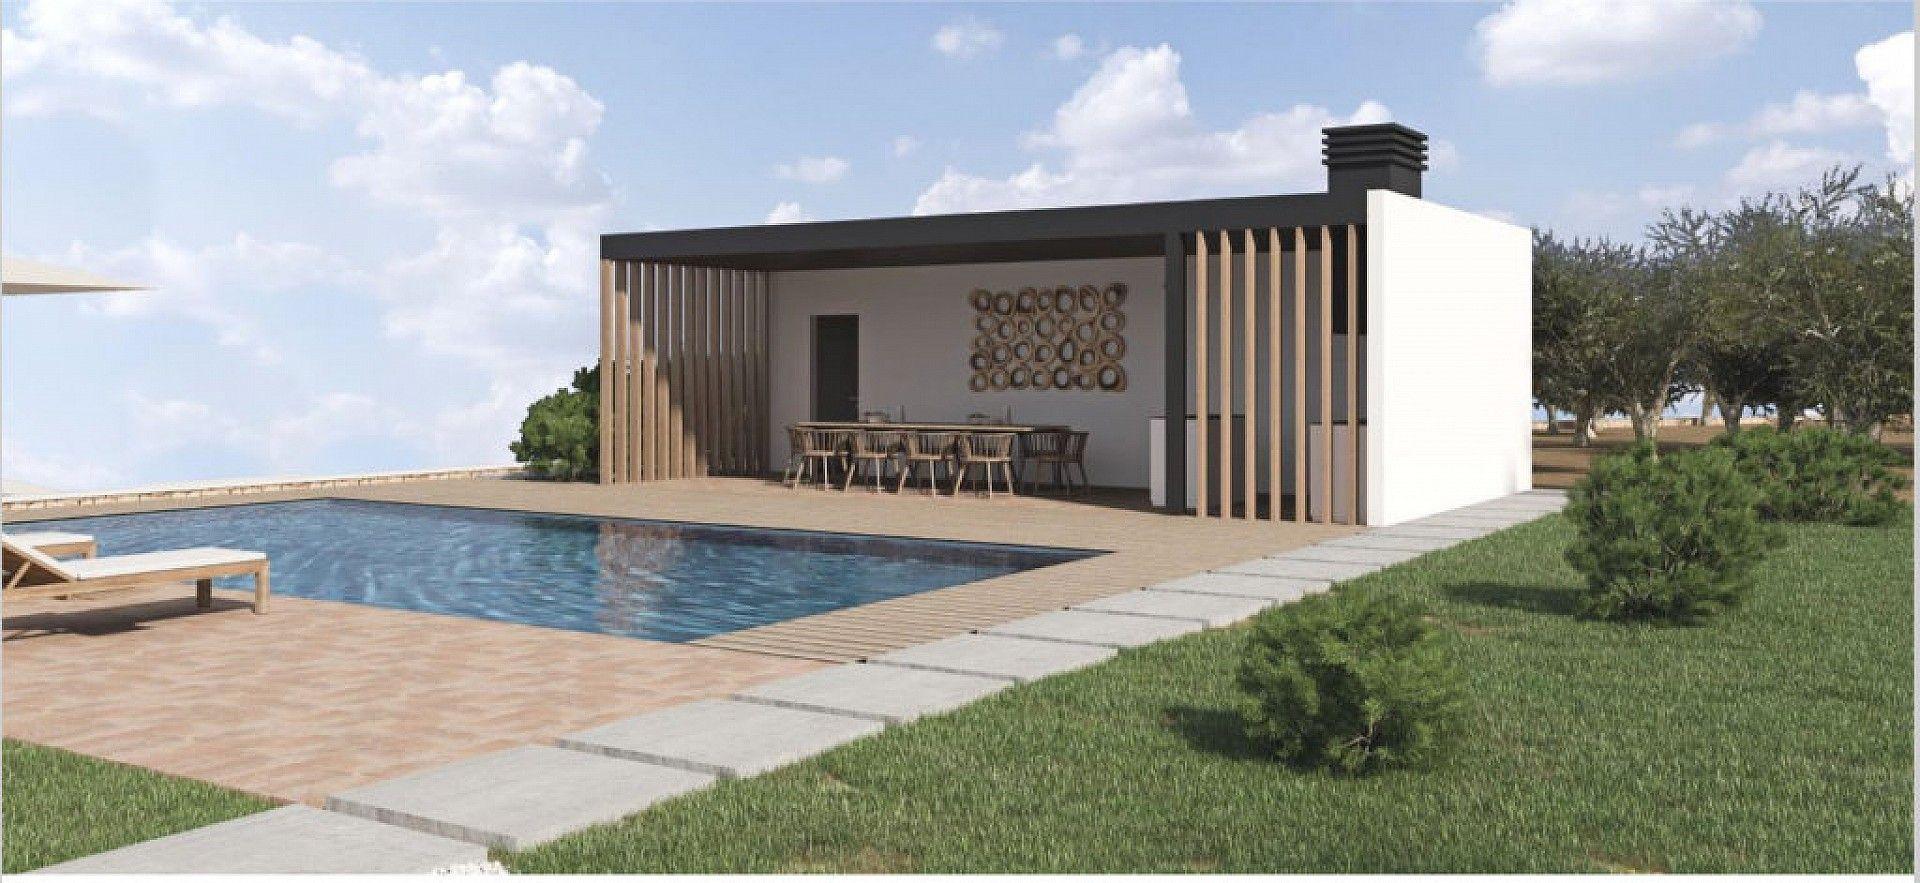 w_te-koop-huis-project-moraira-teulada-costa-blanca-nf2028-09-3.jpg